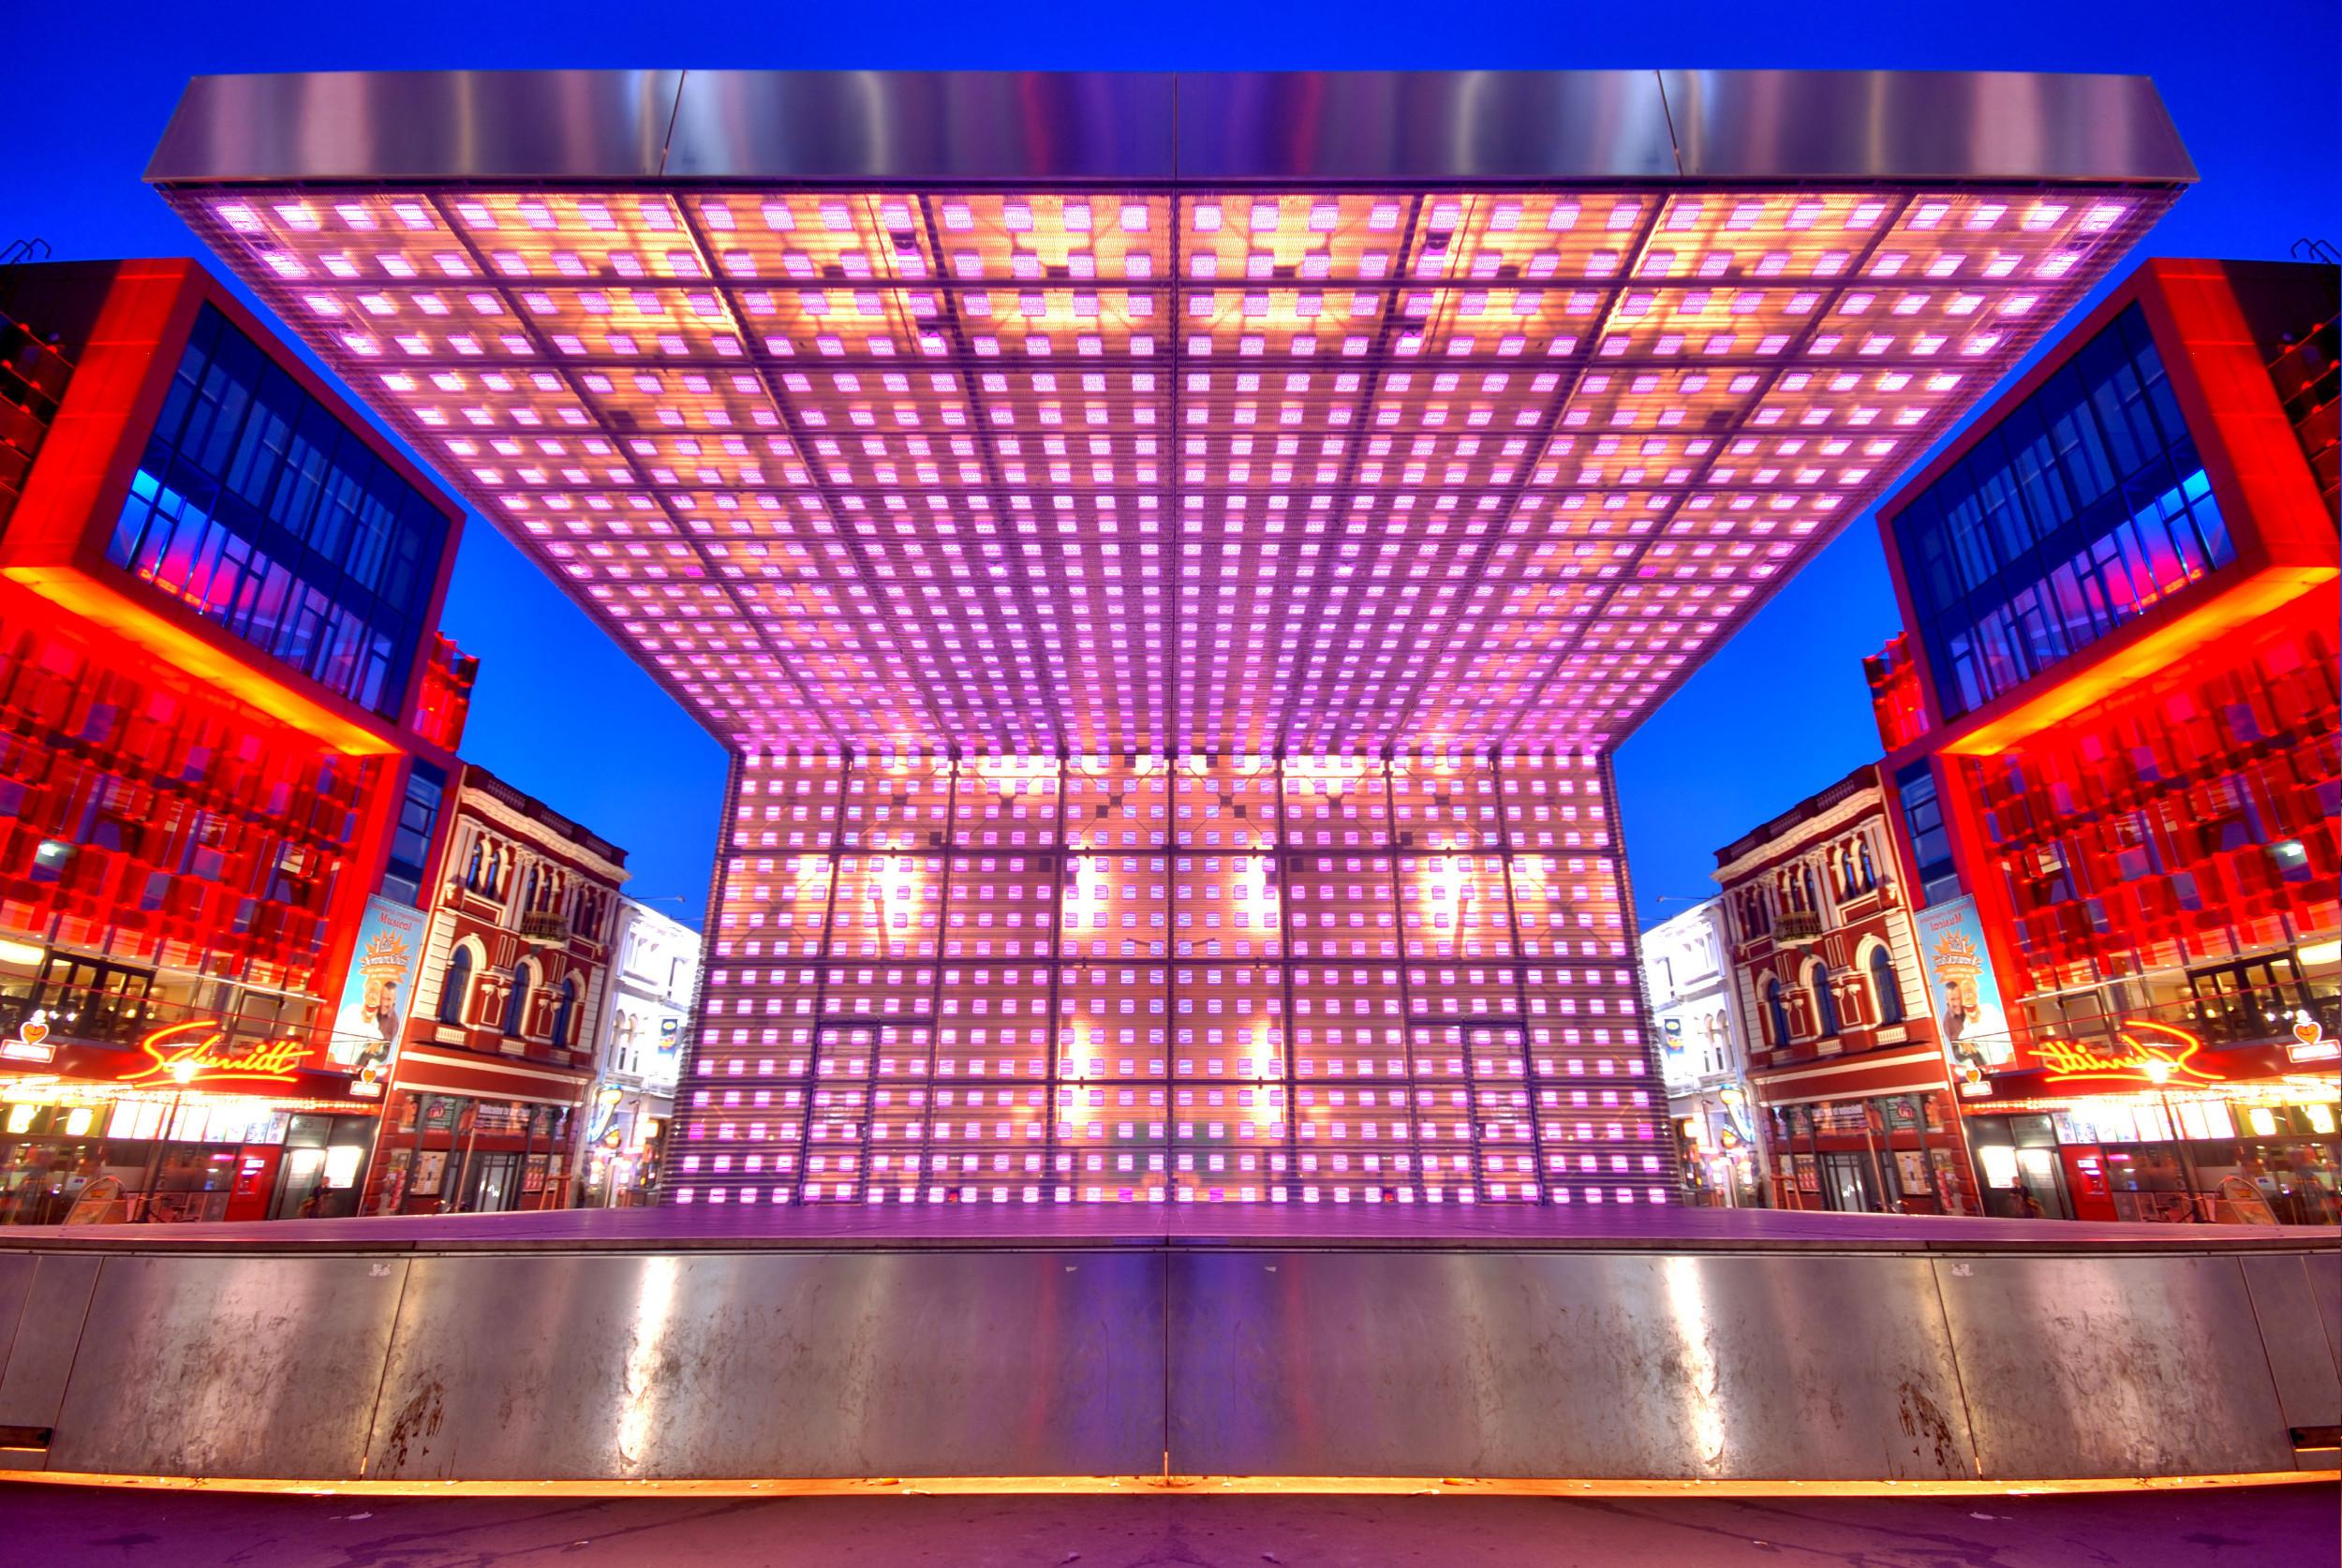 Bild: Blick auf die Bühne